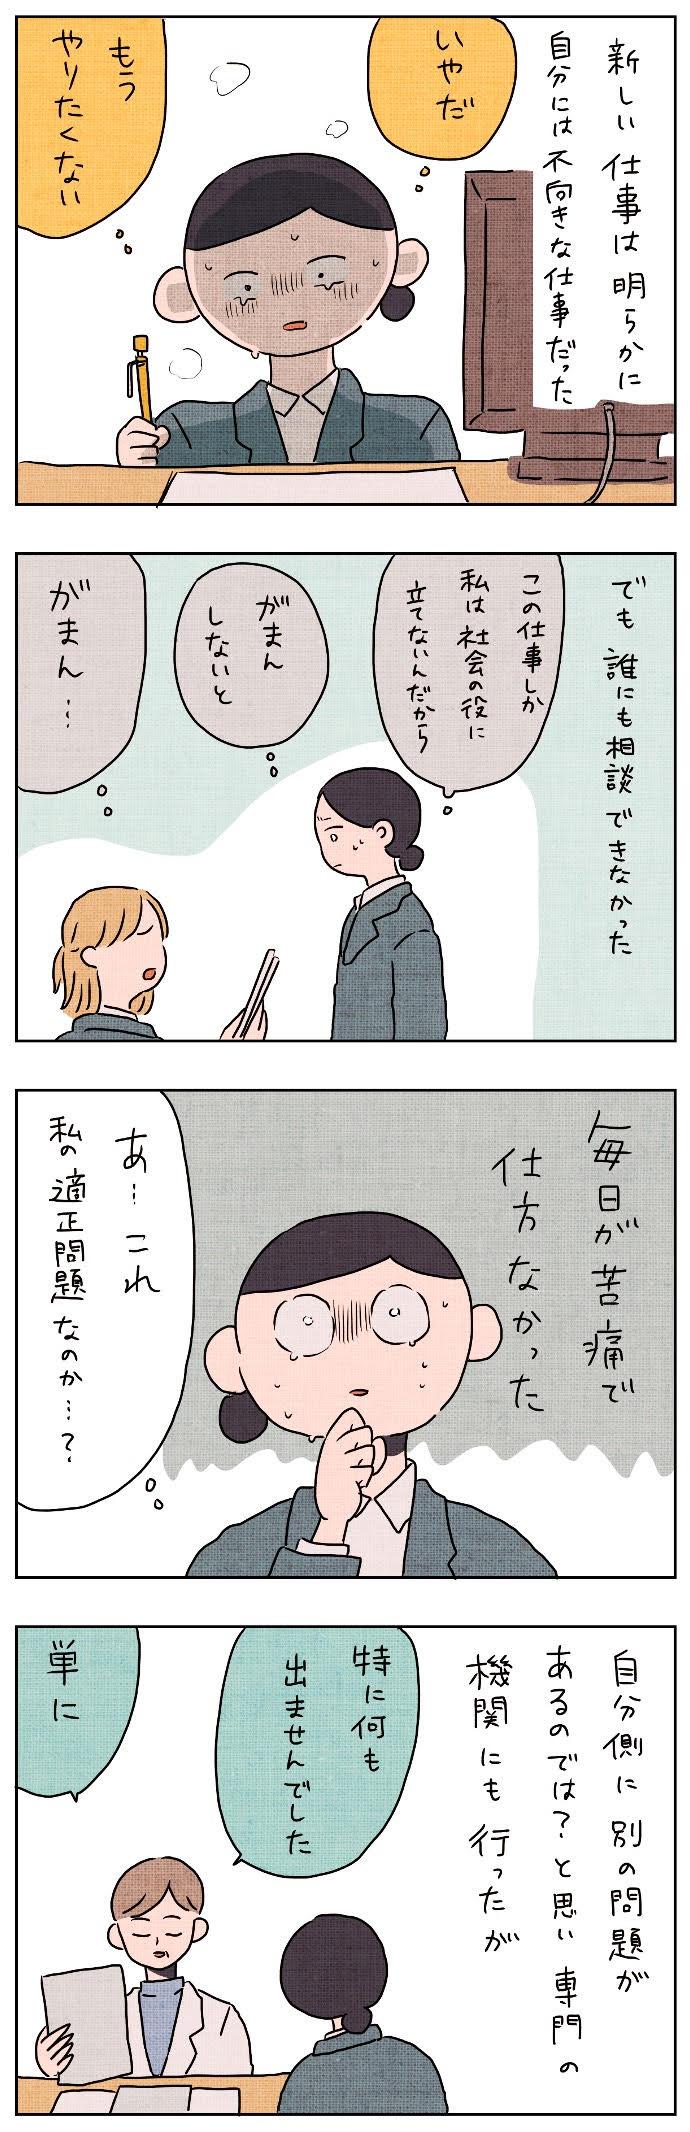 【連載】ママでも夢見ていいですか?~4児の母の挑戦記録~第8話1